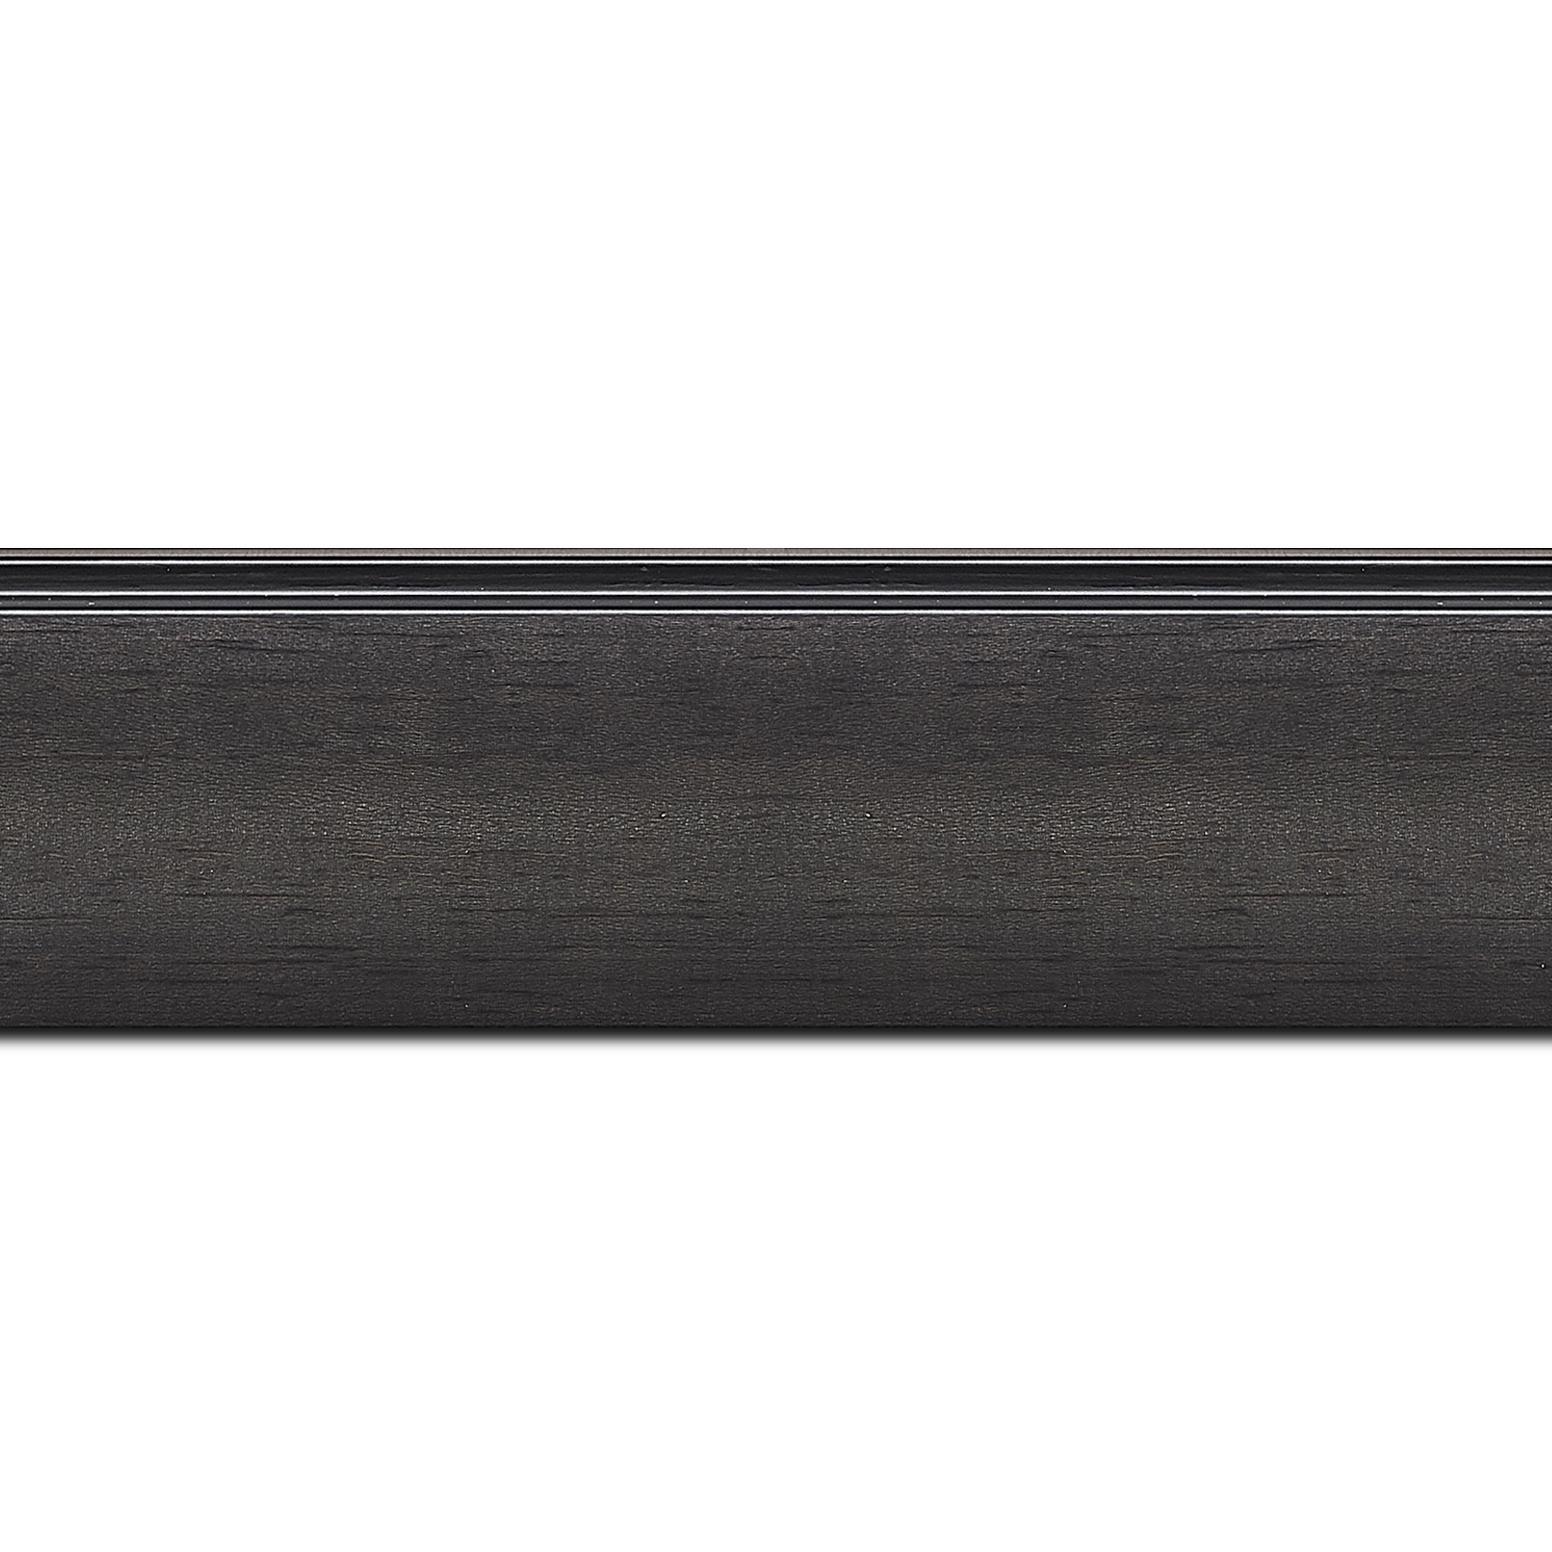 Baguette longueur 1.40m bois profil en pente méplat largeur 4.8cm couleur anthracite satiné surligné par une gorge extérieure noire : originalité et élégance assurée